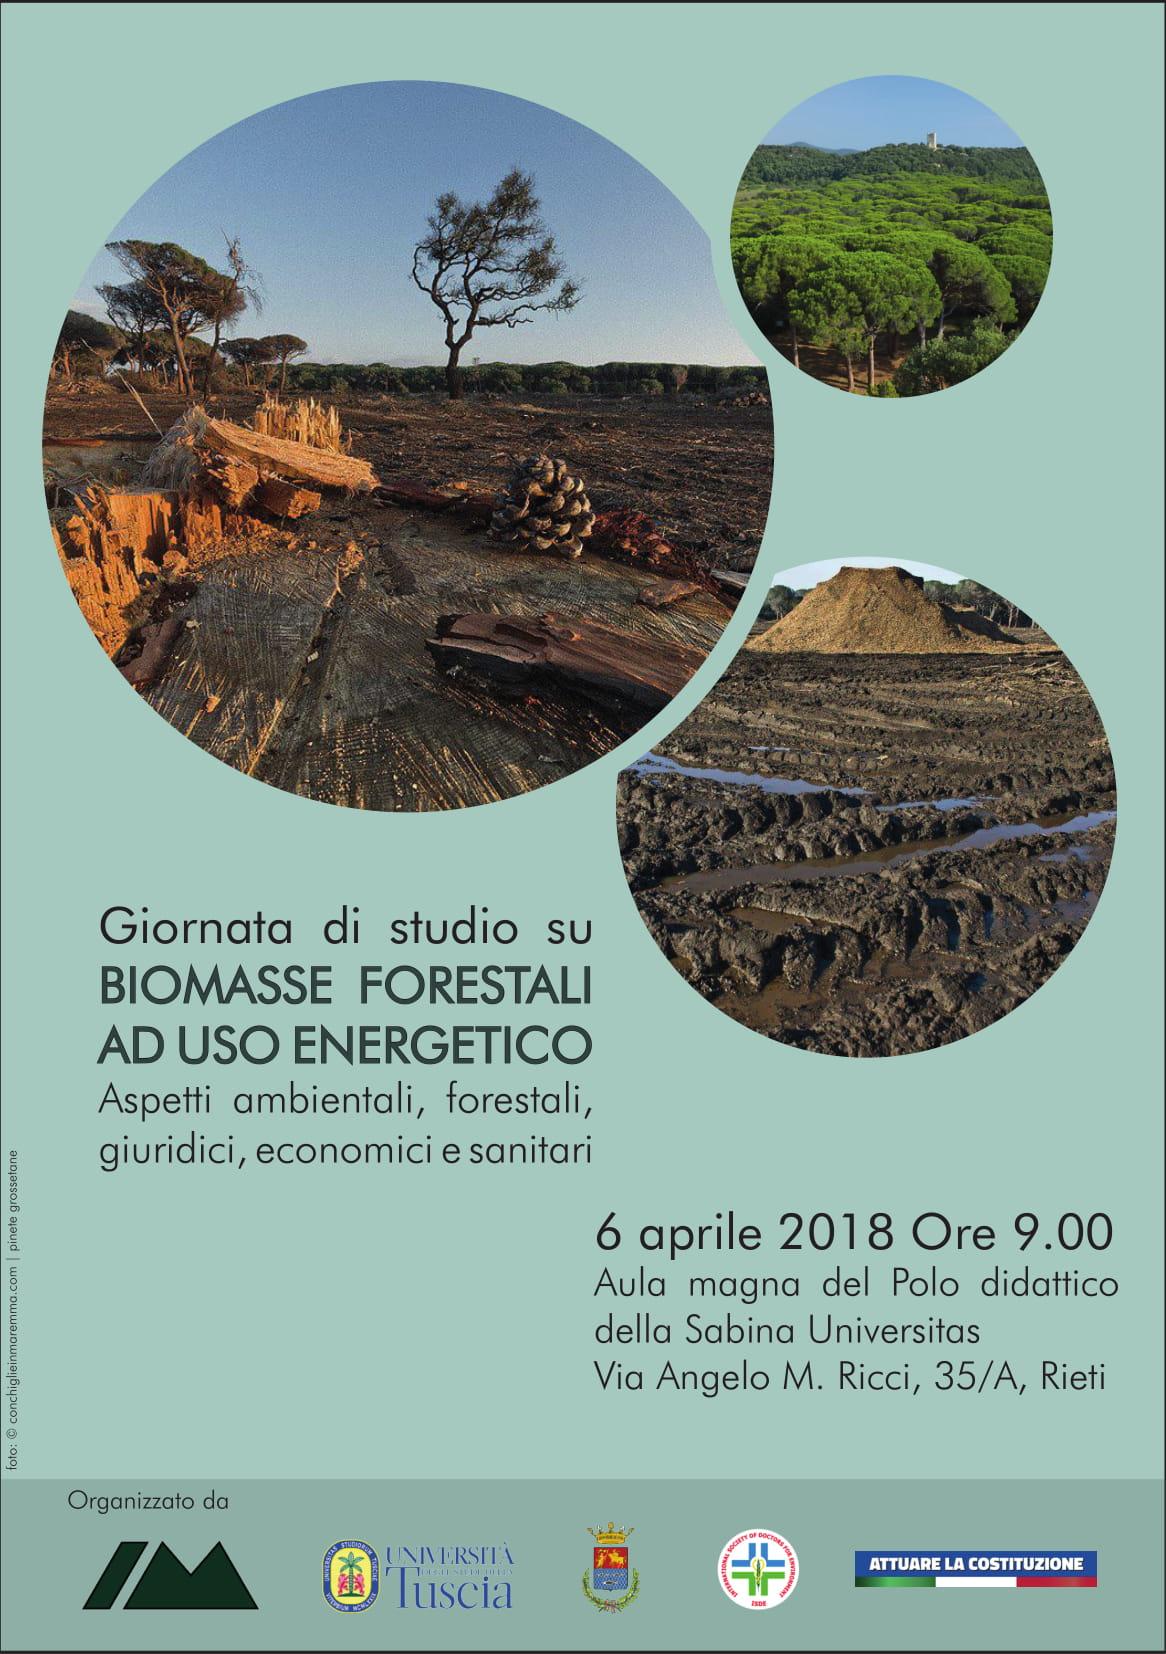 L'intervento di European Consumers alla Giornata di studio su Biomasse forestali ad uso energetico